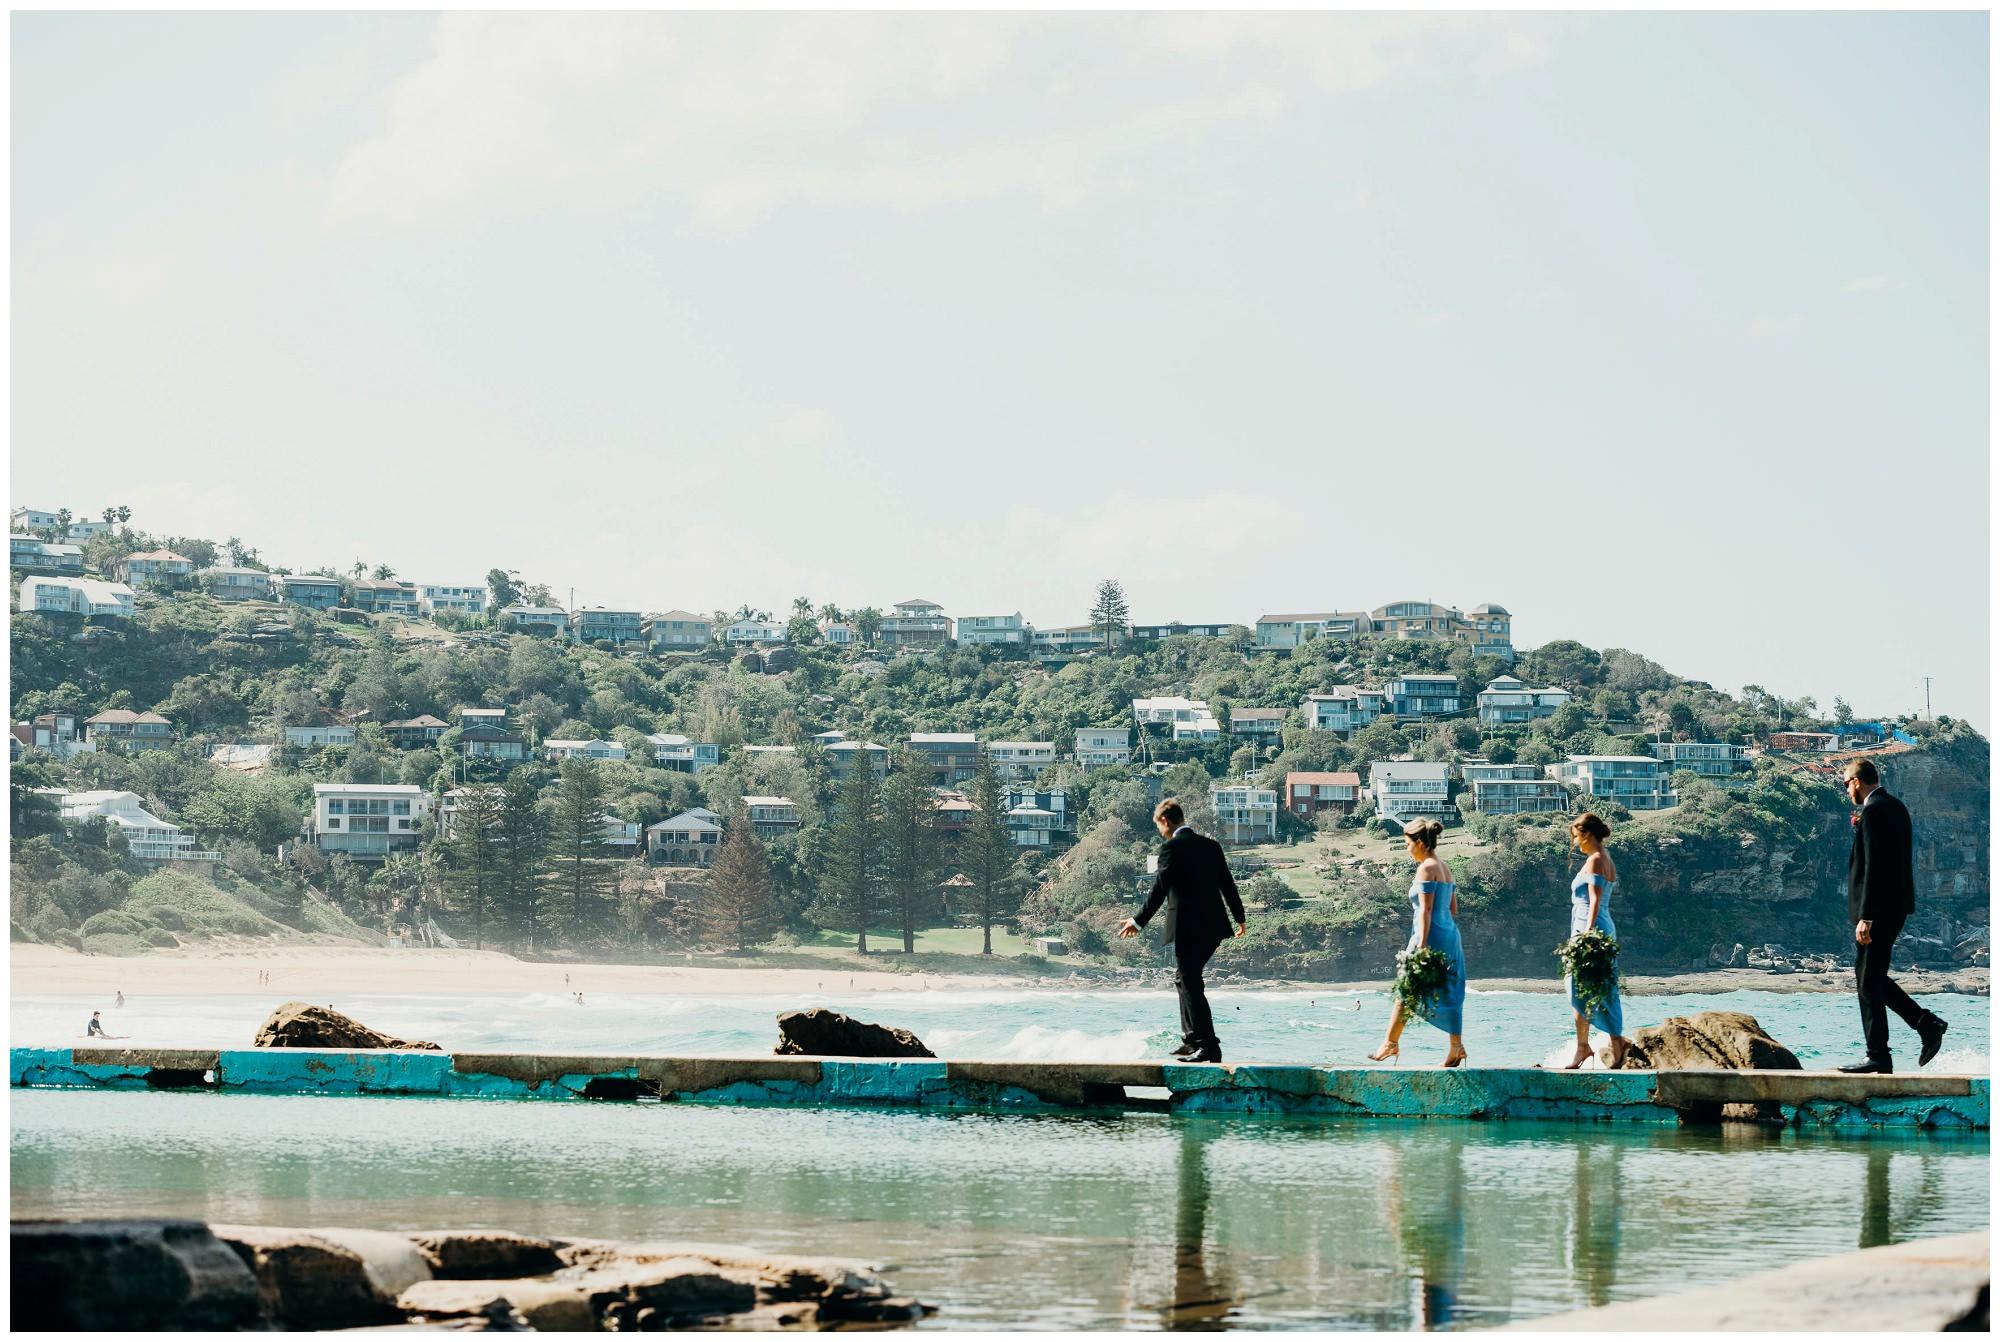 moby dick whale beach sydney photographer_0410.jpg